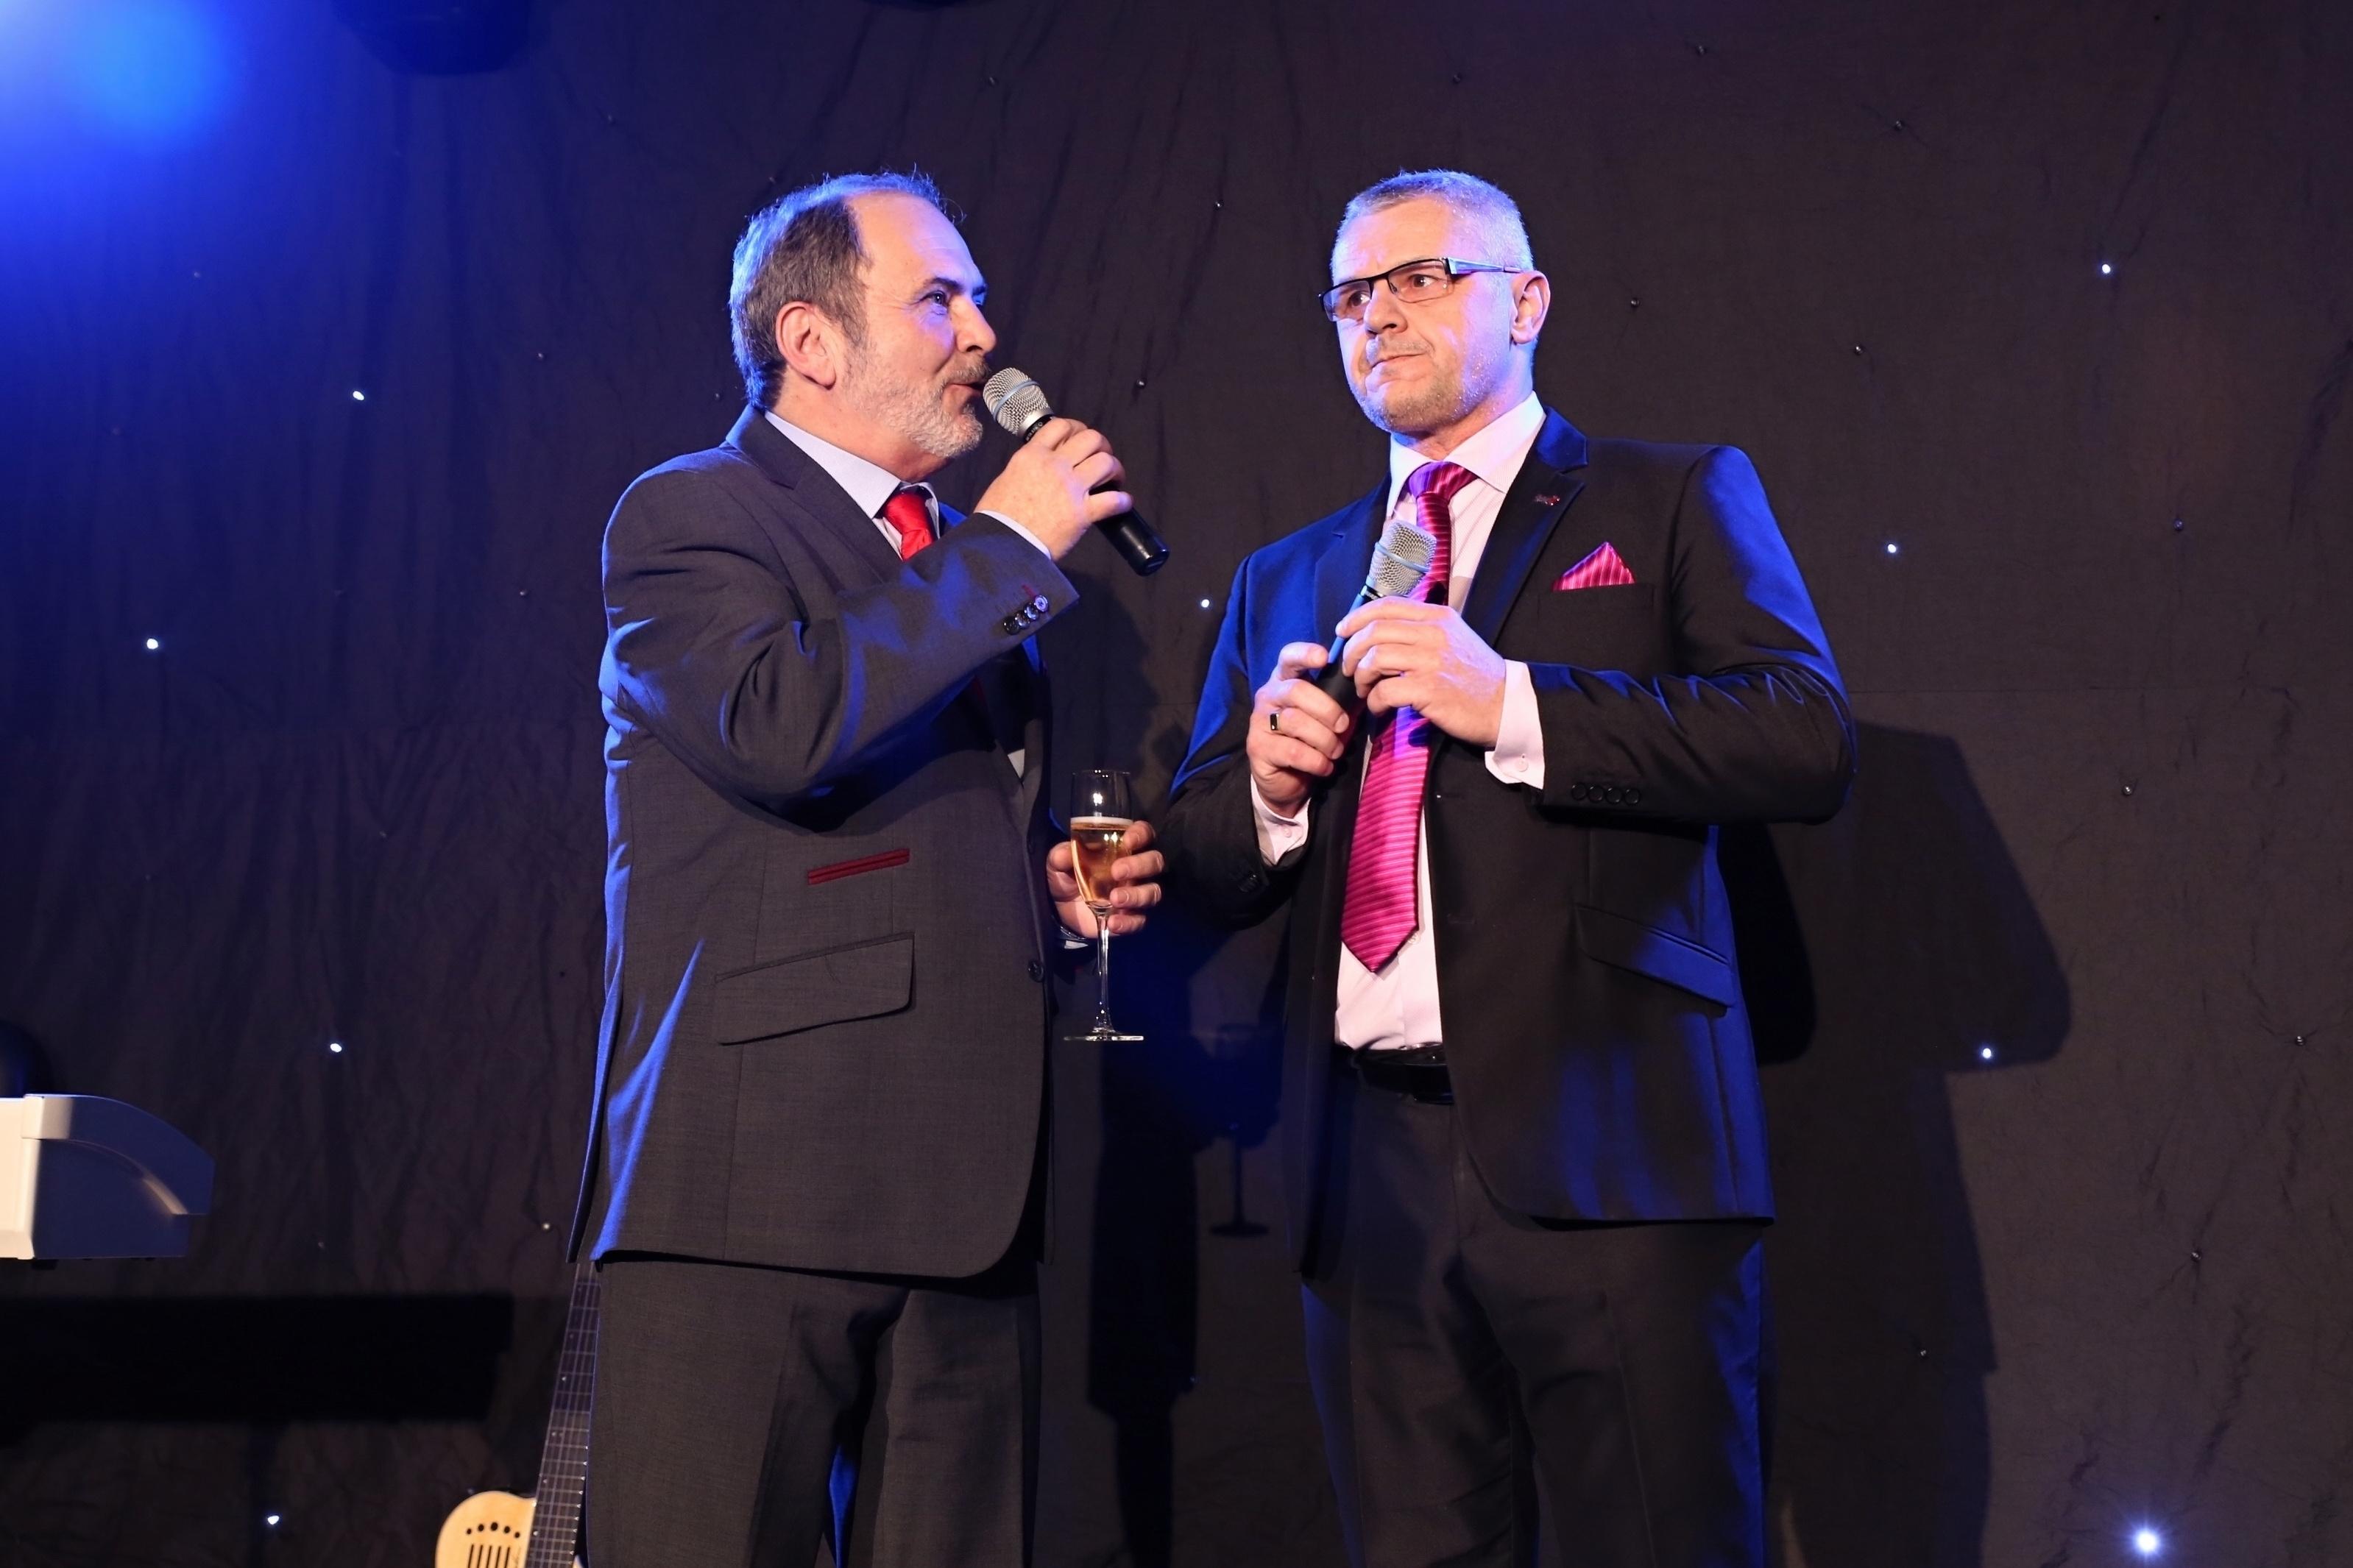 Petr_Průša_Photo231